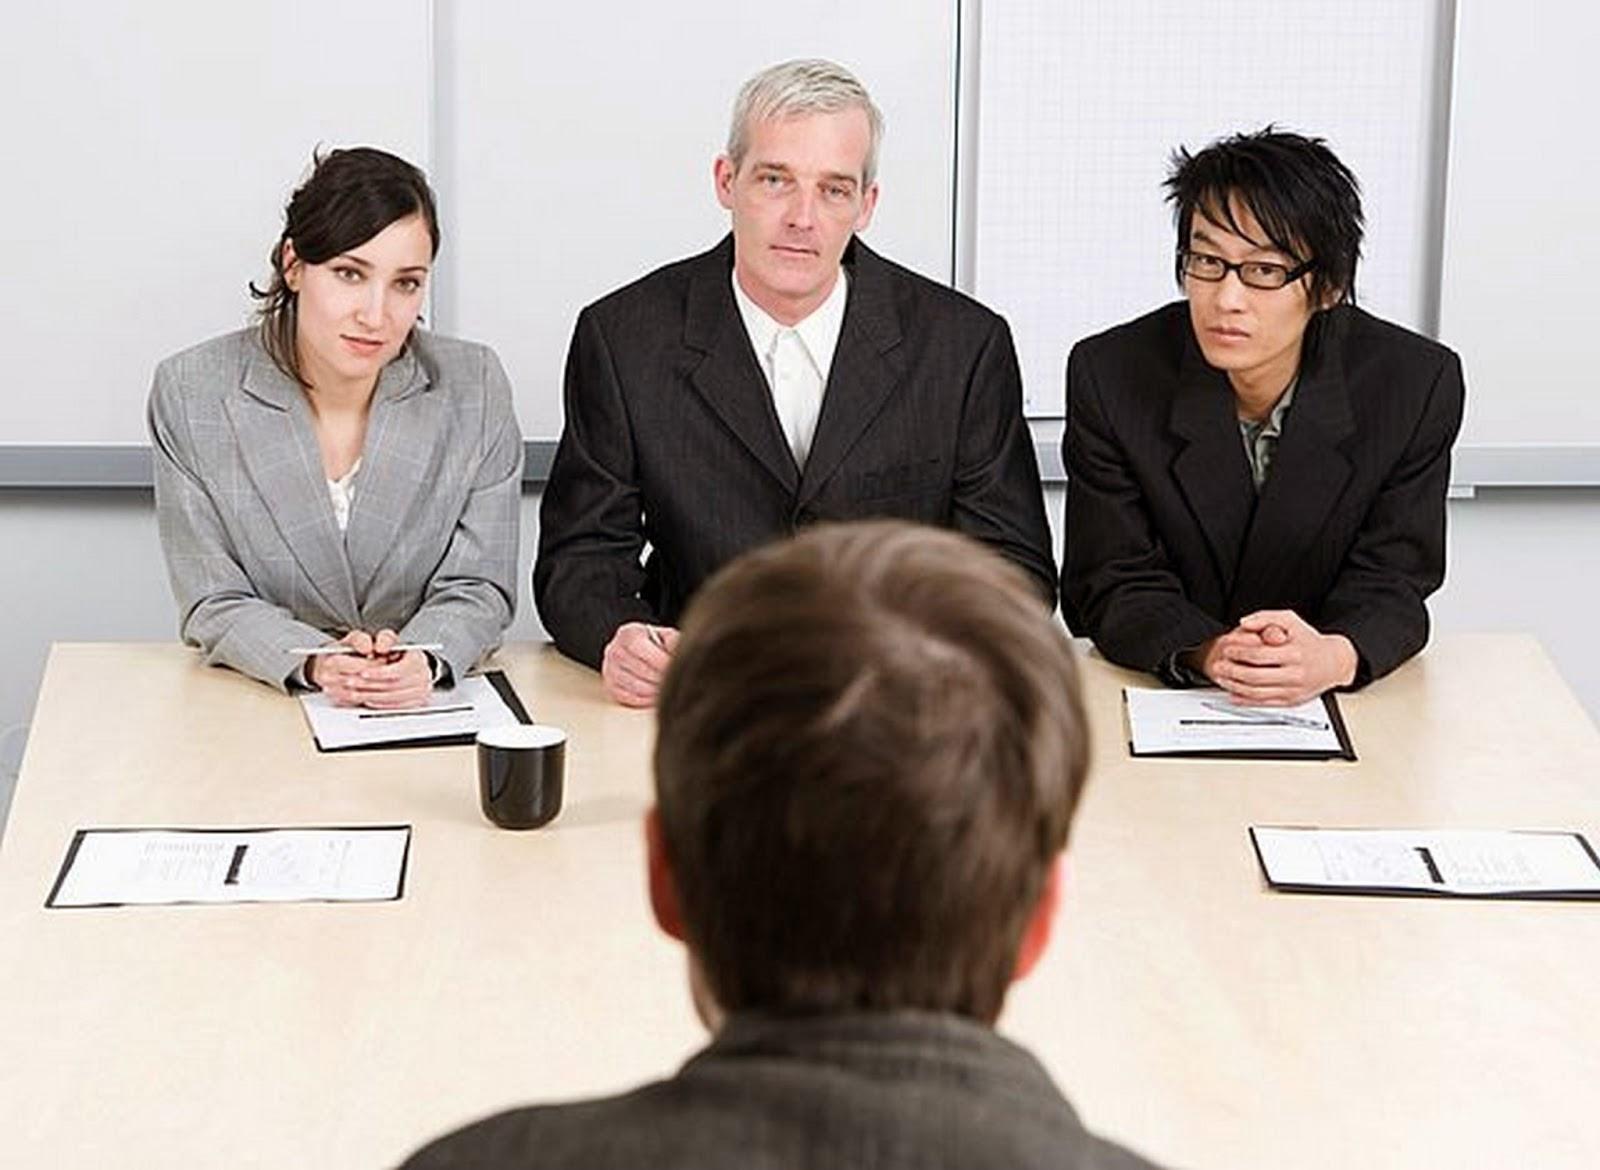 3 Hal Yang Wajib Dihindari Saat Wawancara Kerja